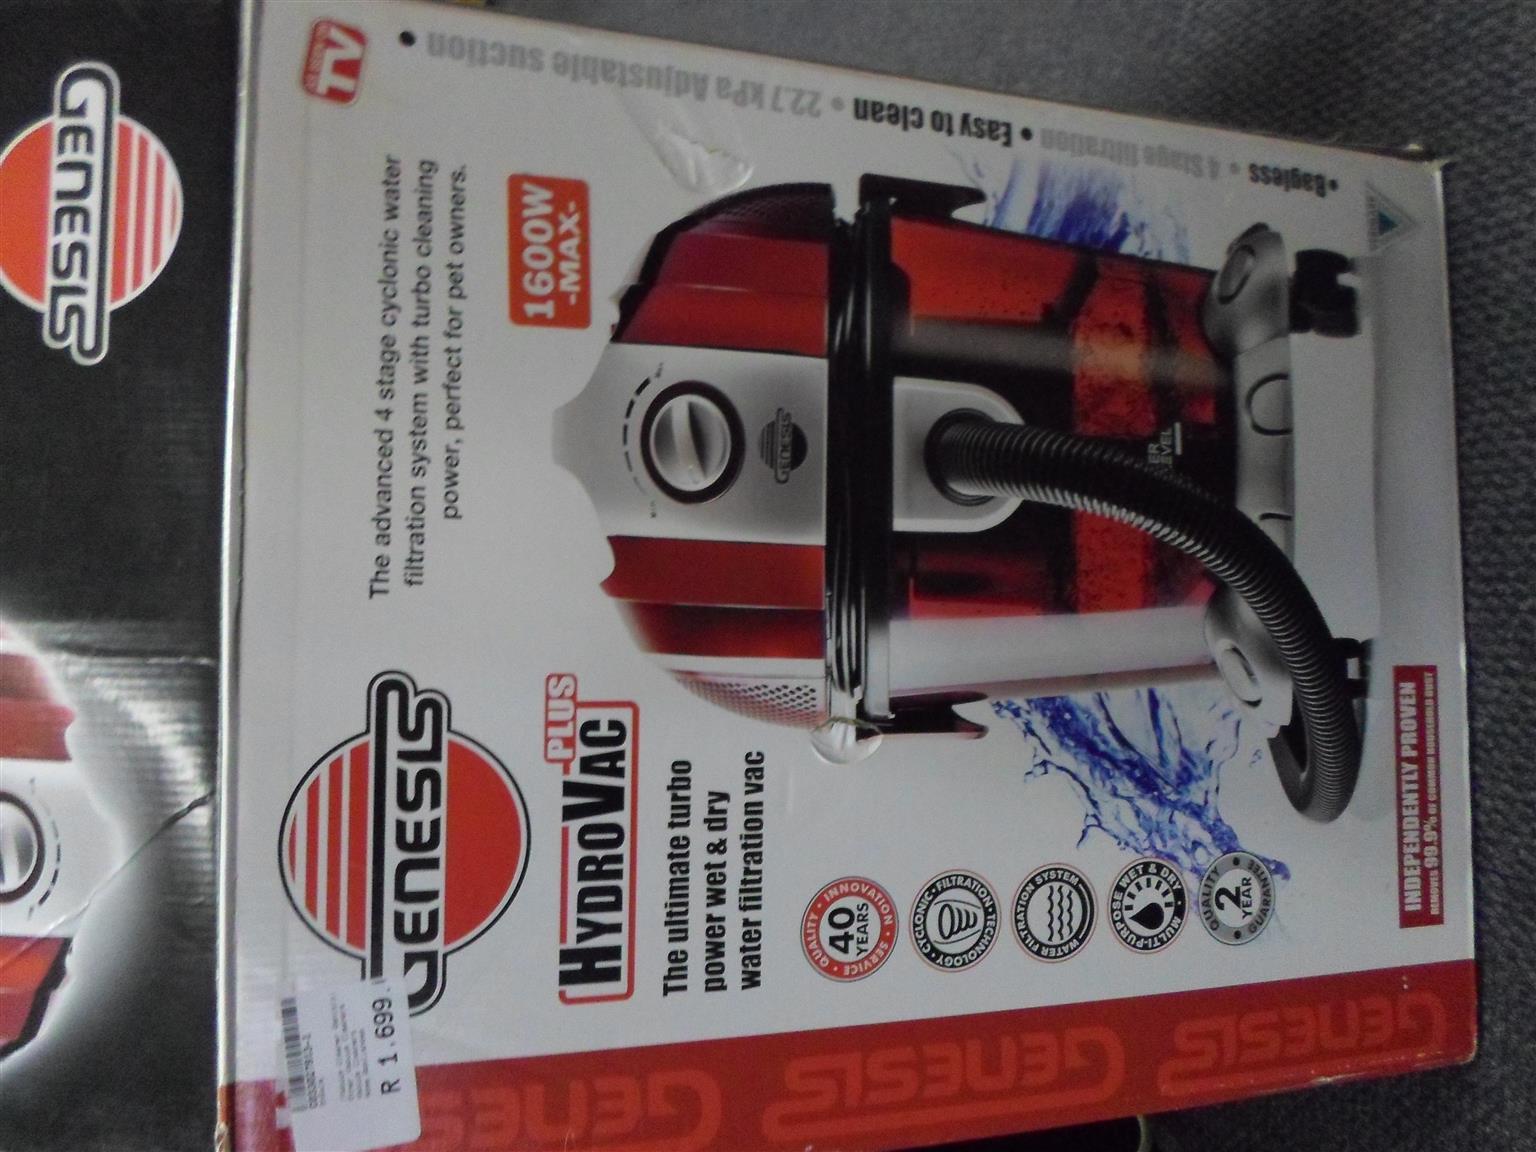 Genesis 1600W Hydrovac Plus Vacuum Cleaner